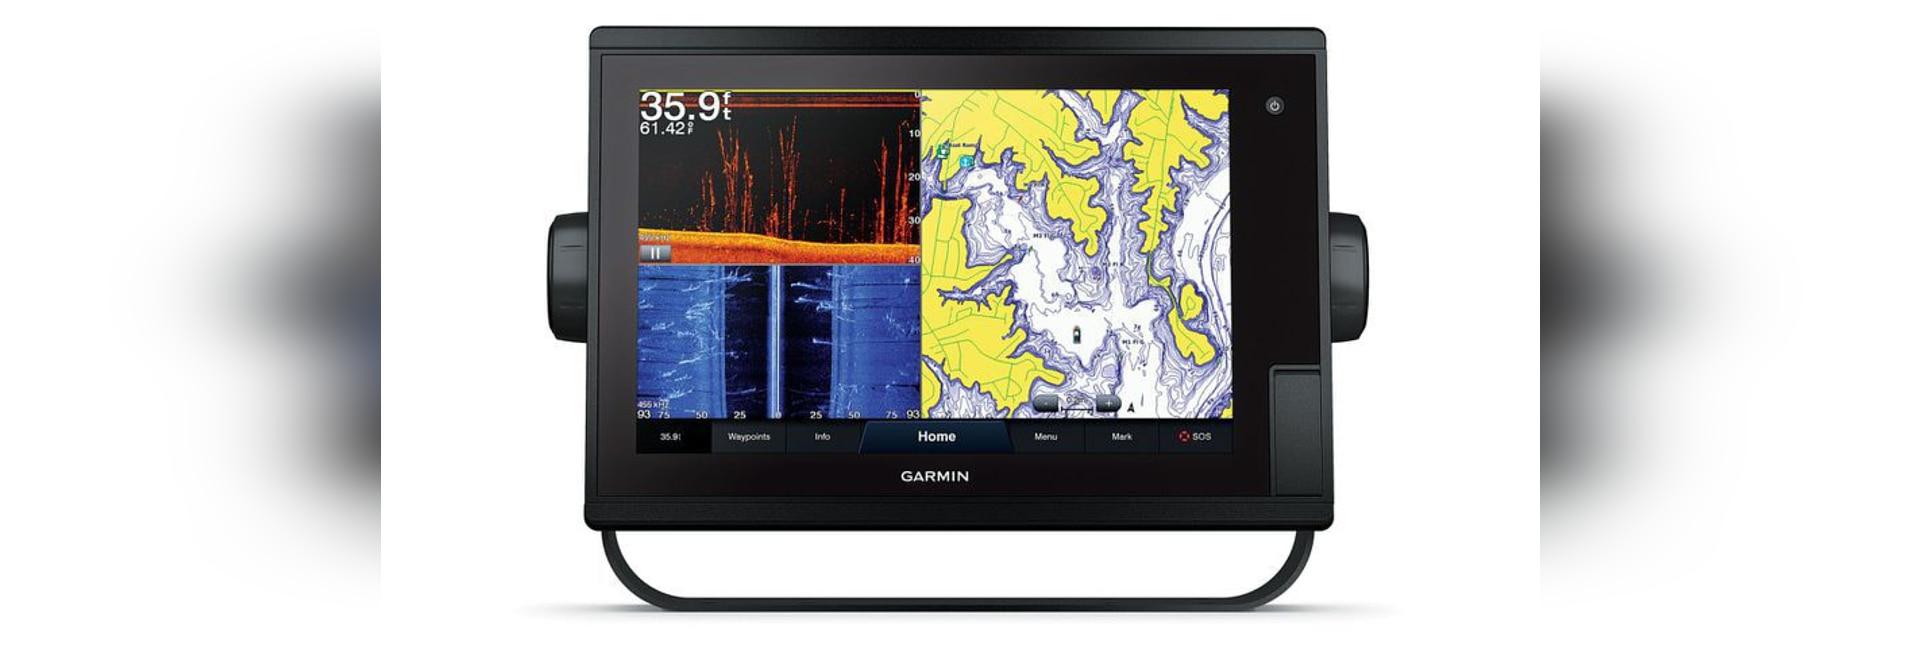 Garmin GPSMap 1242xsv Plus